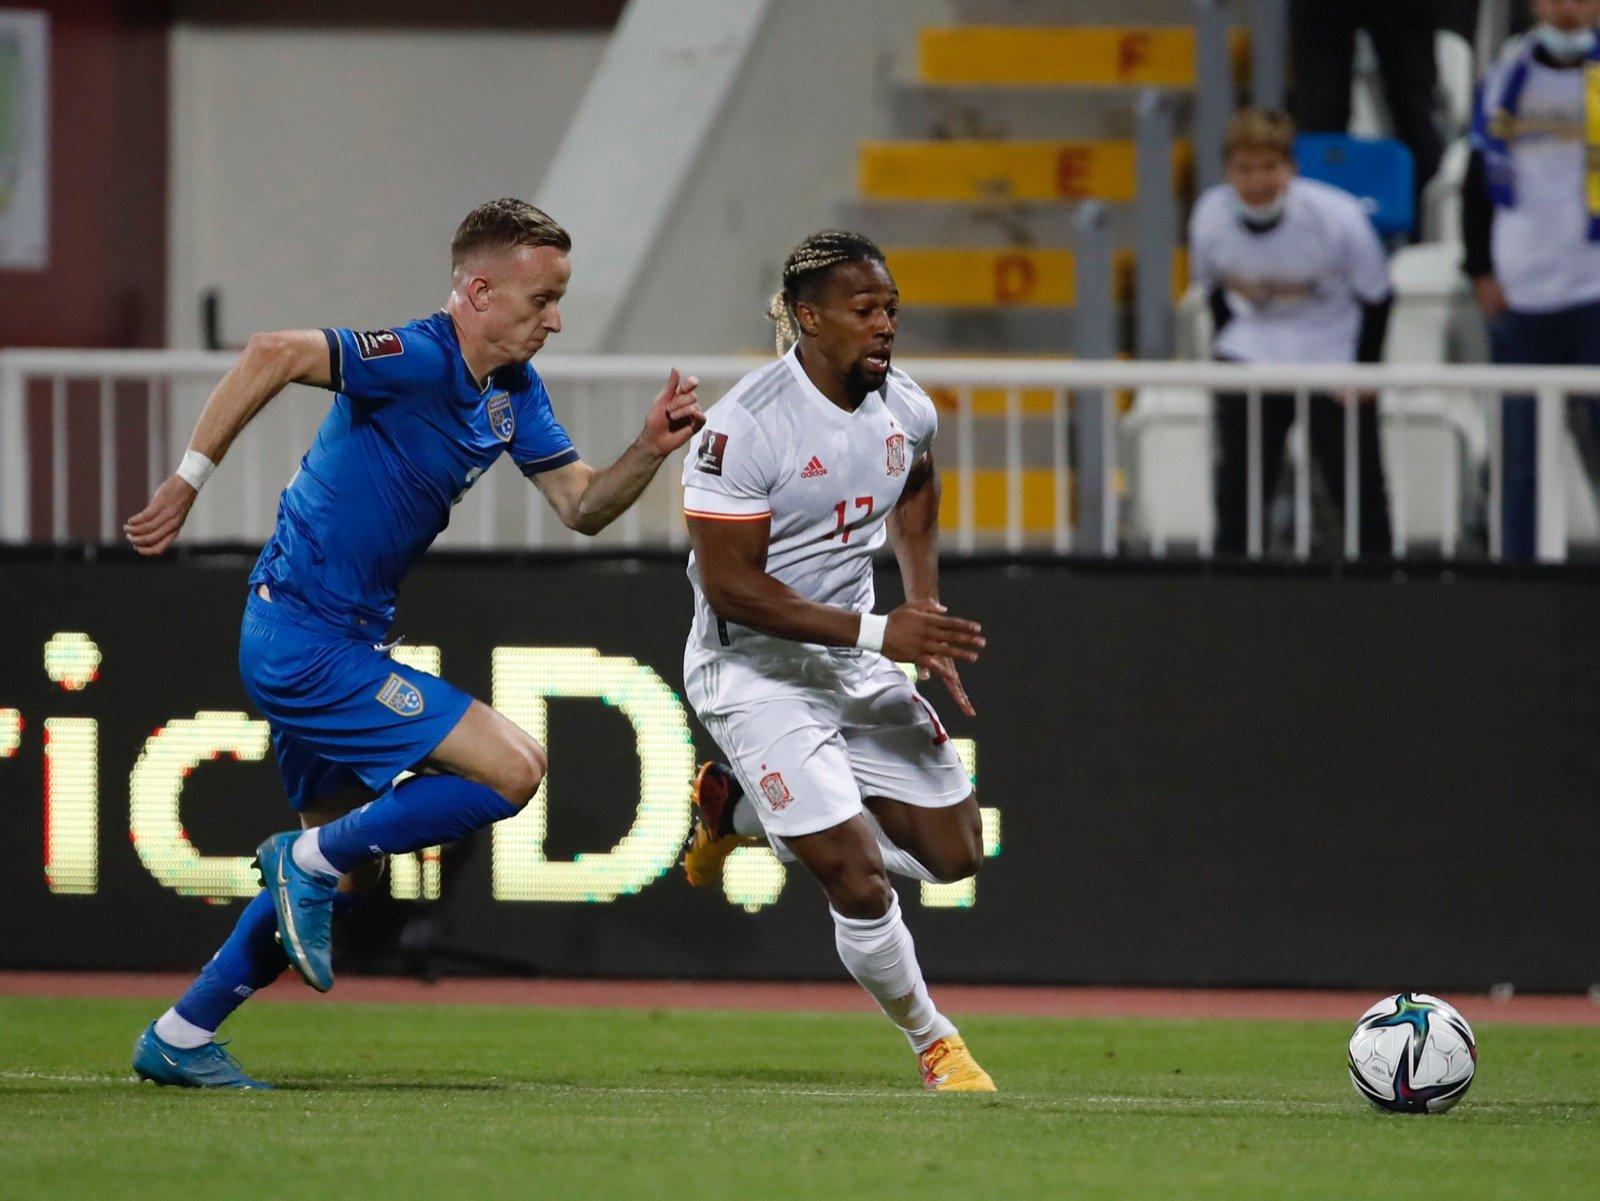 Dàn sao Ngoại hạng Anh tỏa sáng, Tây Ban Nha nhọc nhằn giành 3 điểm trước Kosovo - Ảnh 7.